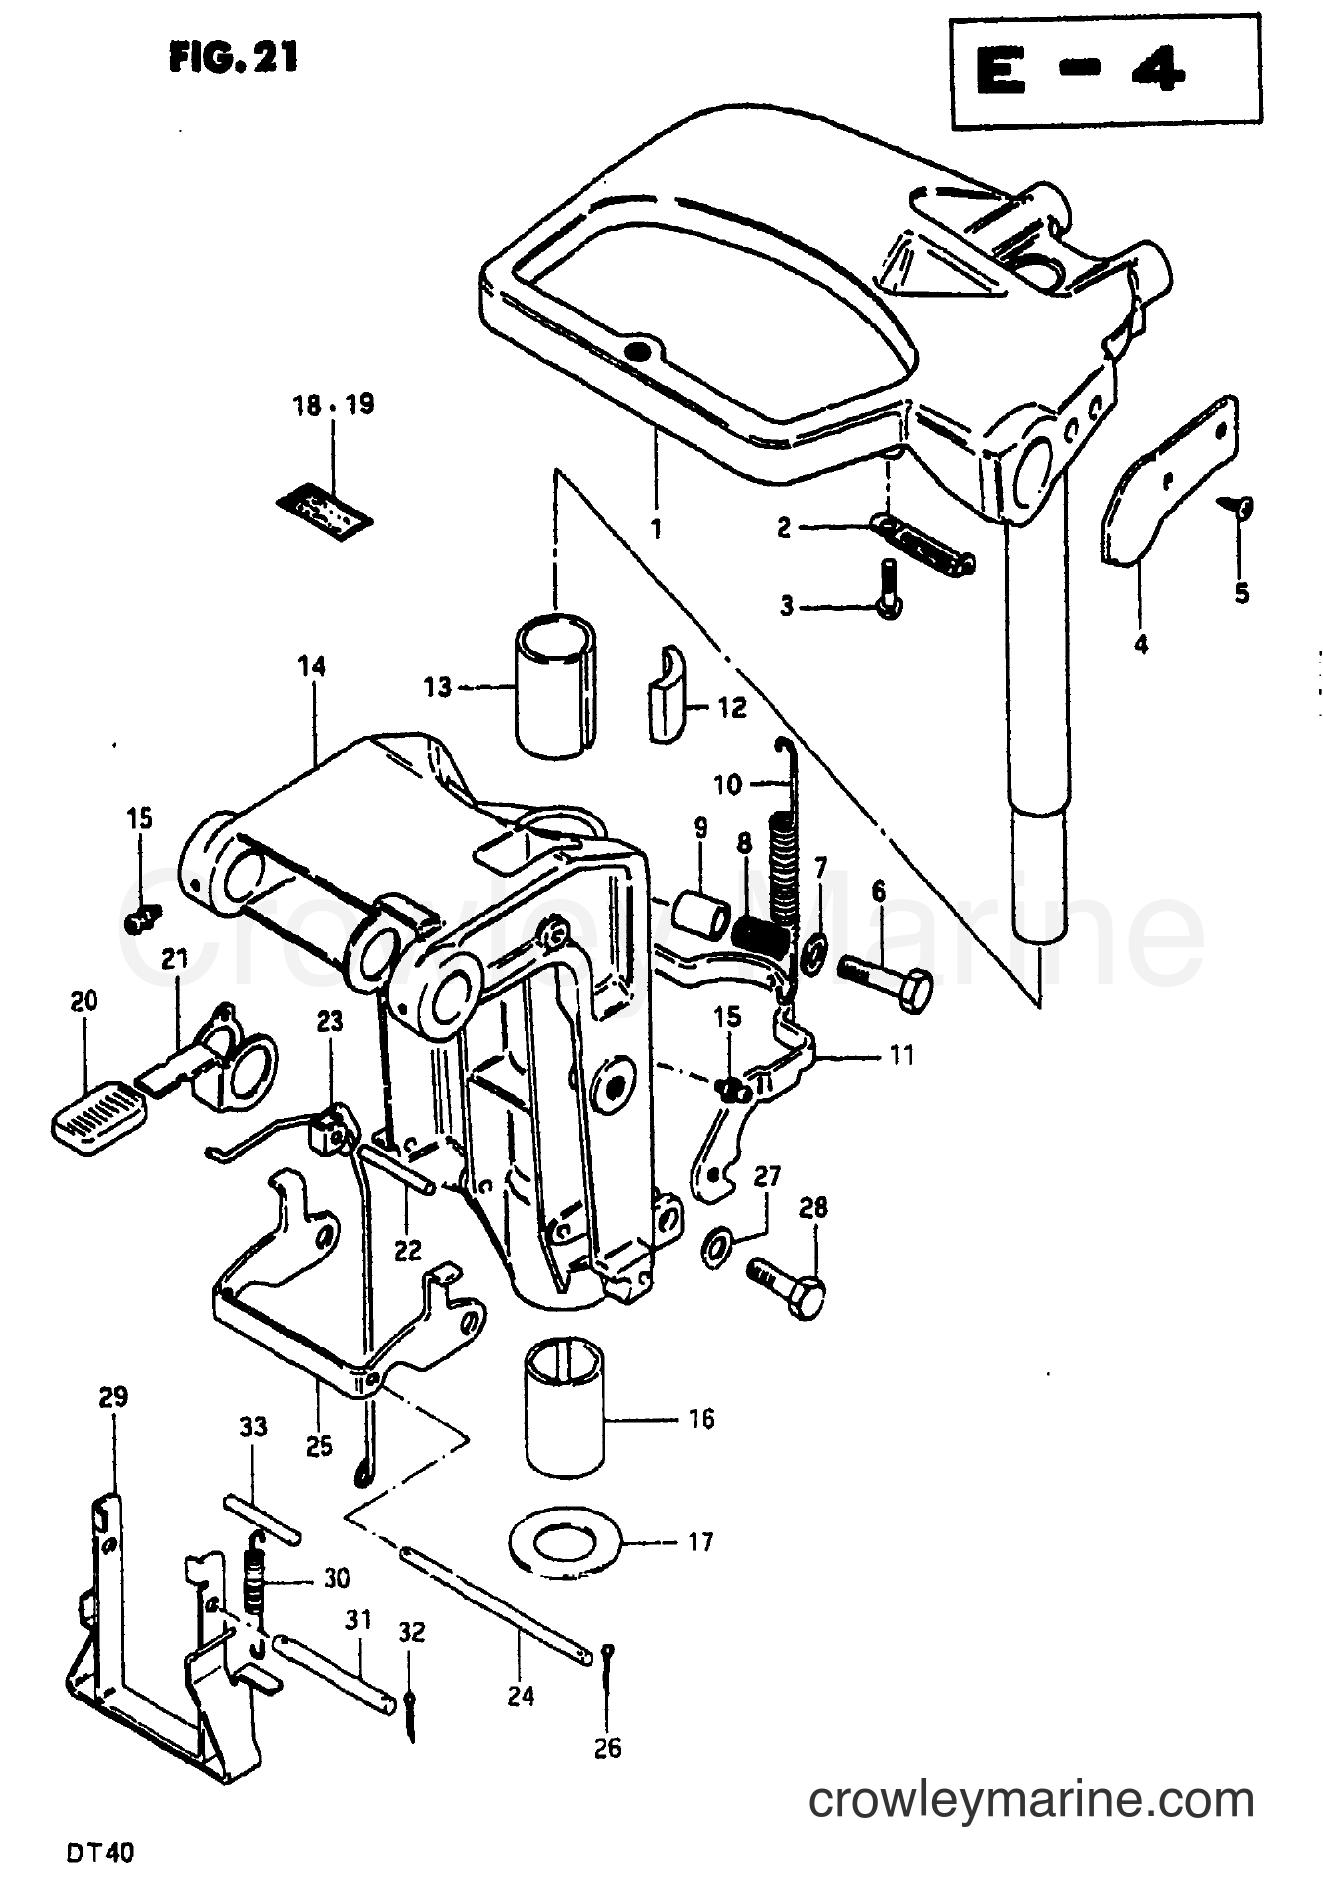 1981 Two-Stroke 35 - DT35 - SWIVEL BRACKET